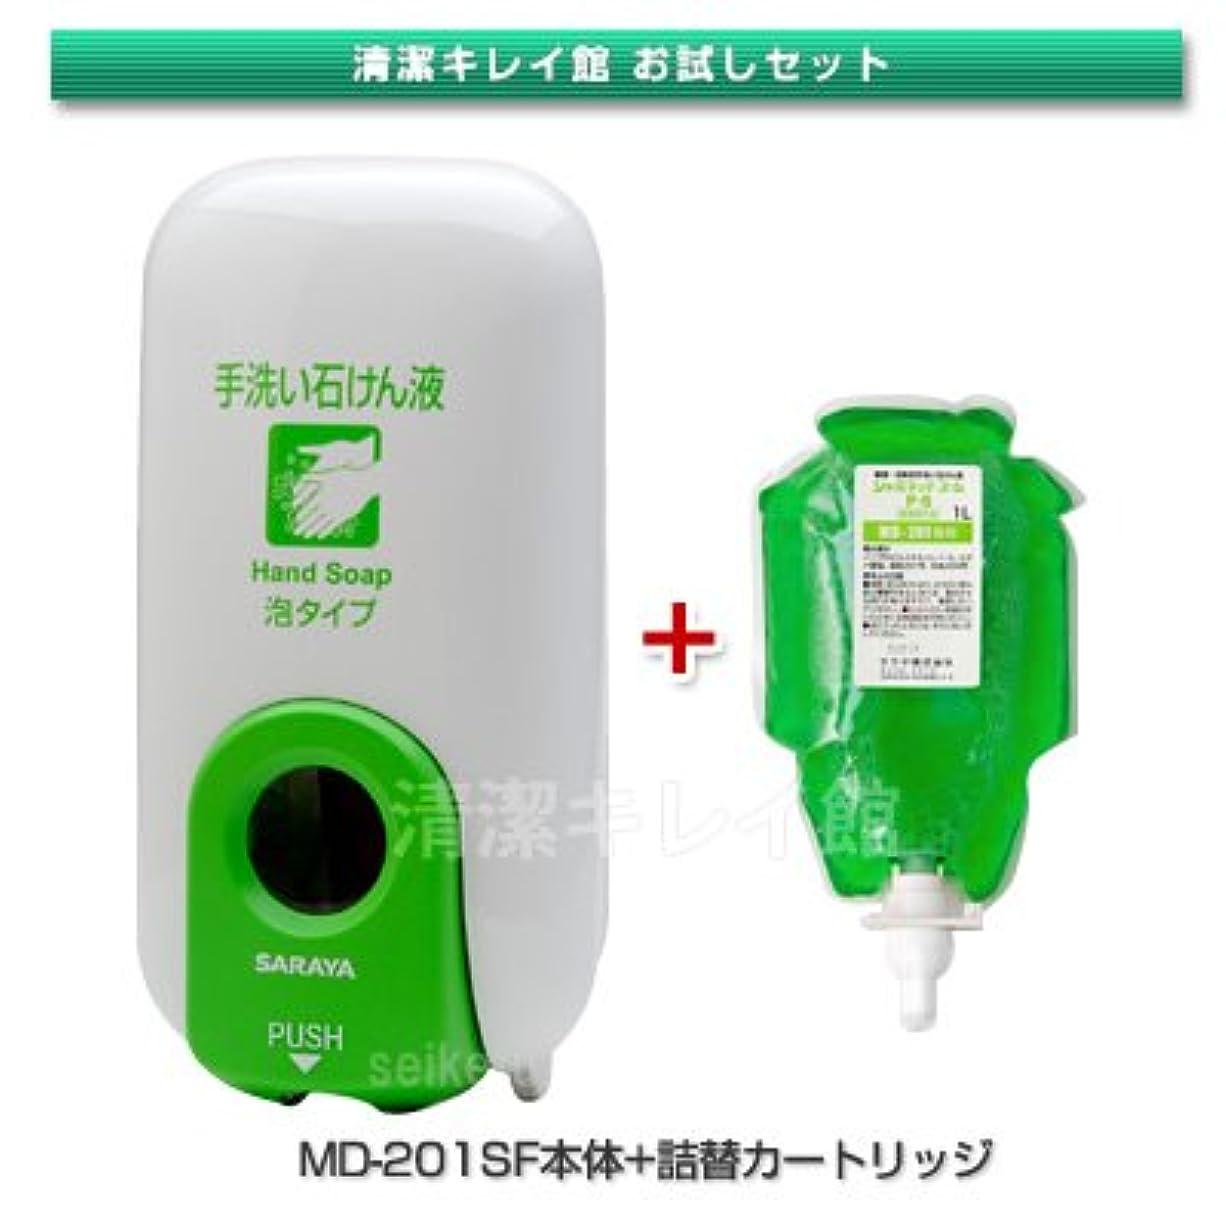 機械的政令洗練サラヤ プッシュ式石鹸液 MD-201SF(泡)【清潔キレイ館お試しセット】(本体とカートリッジ/ユムP-5)